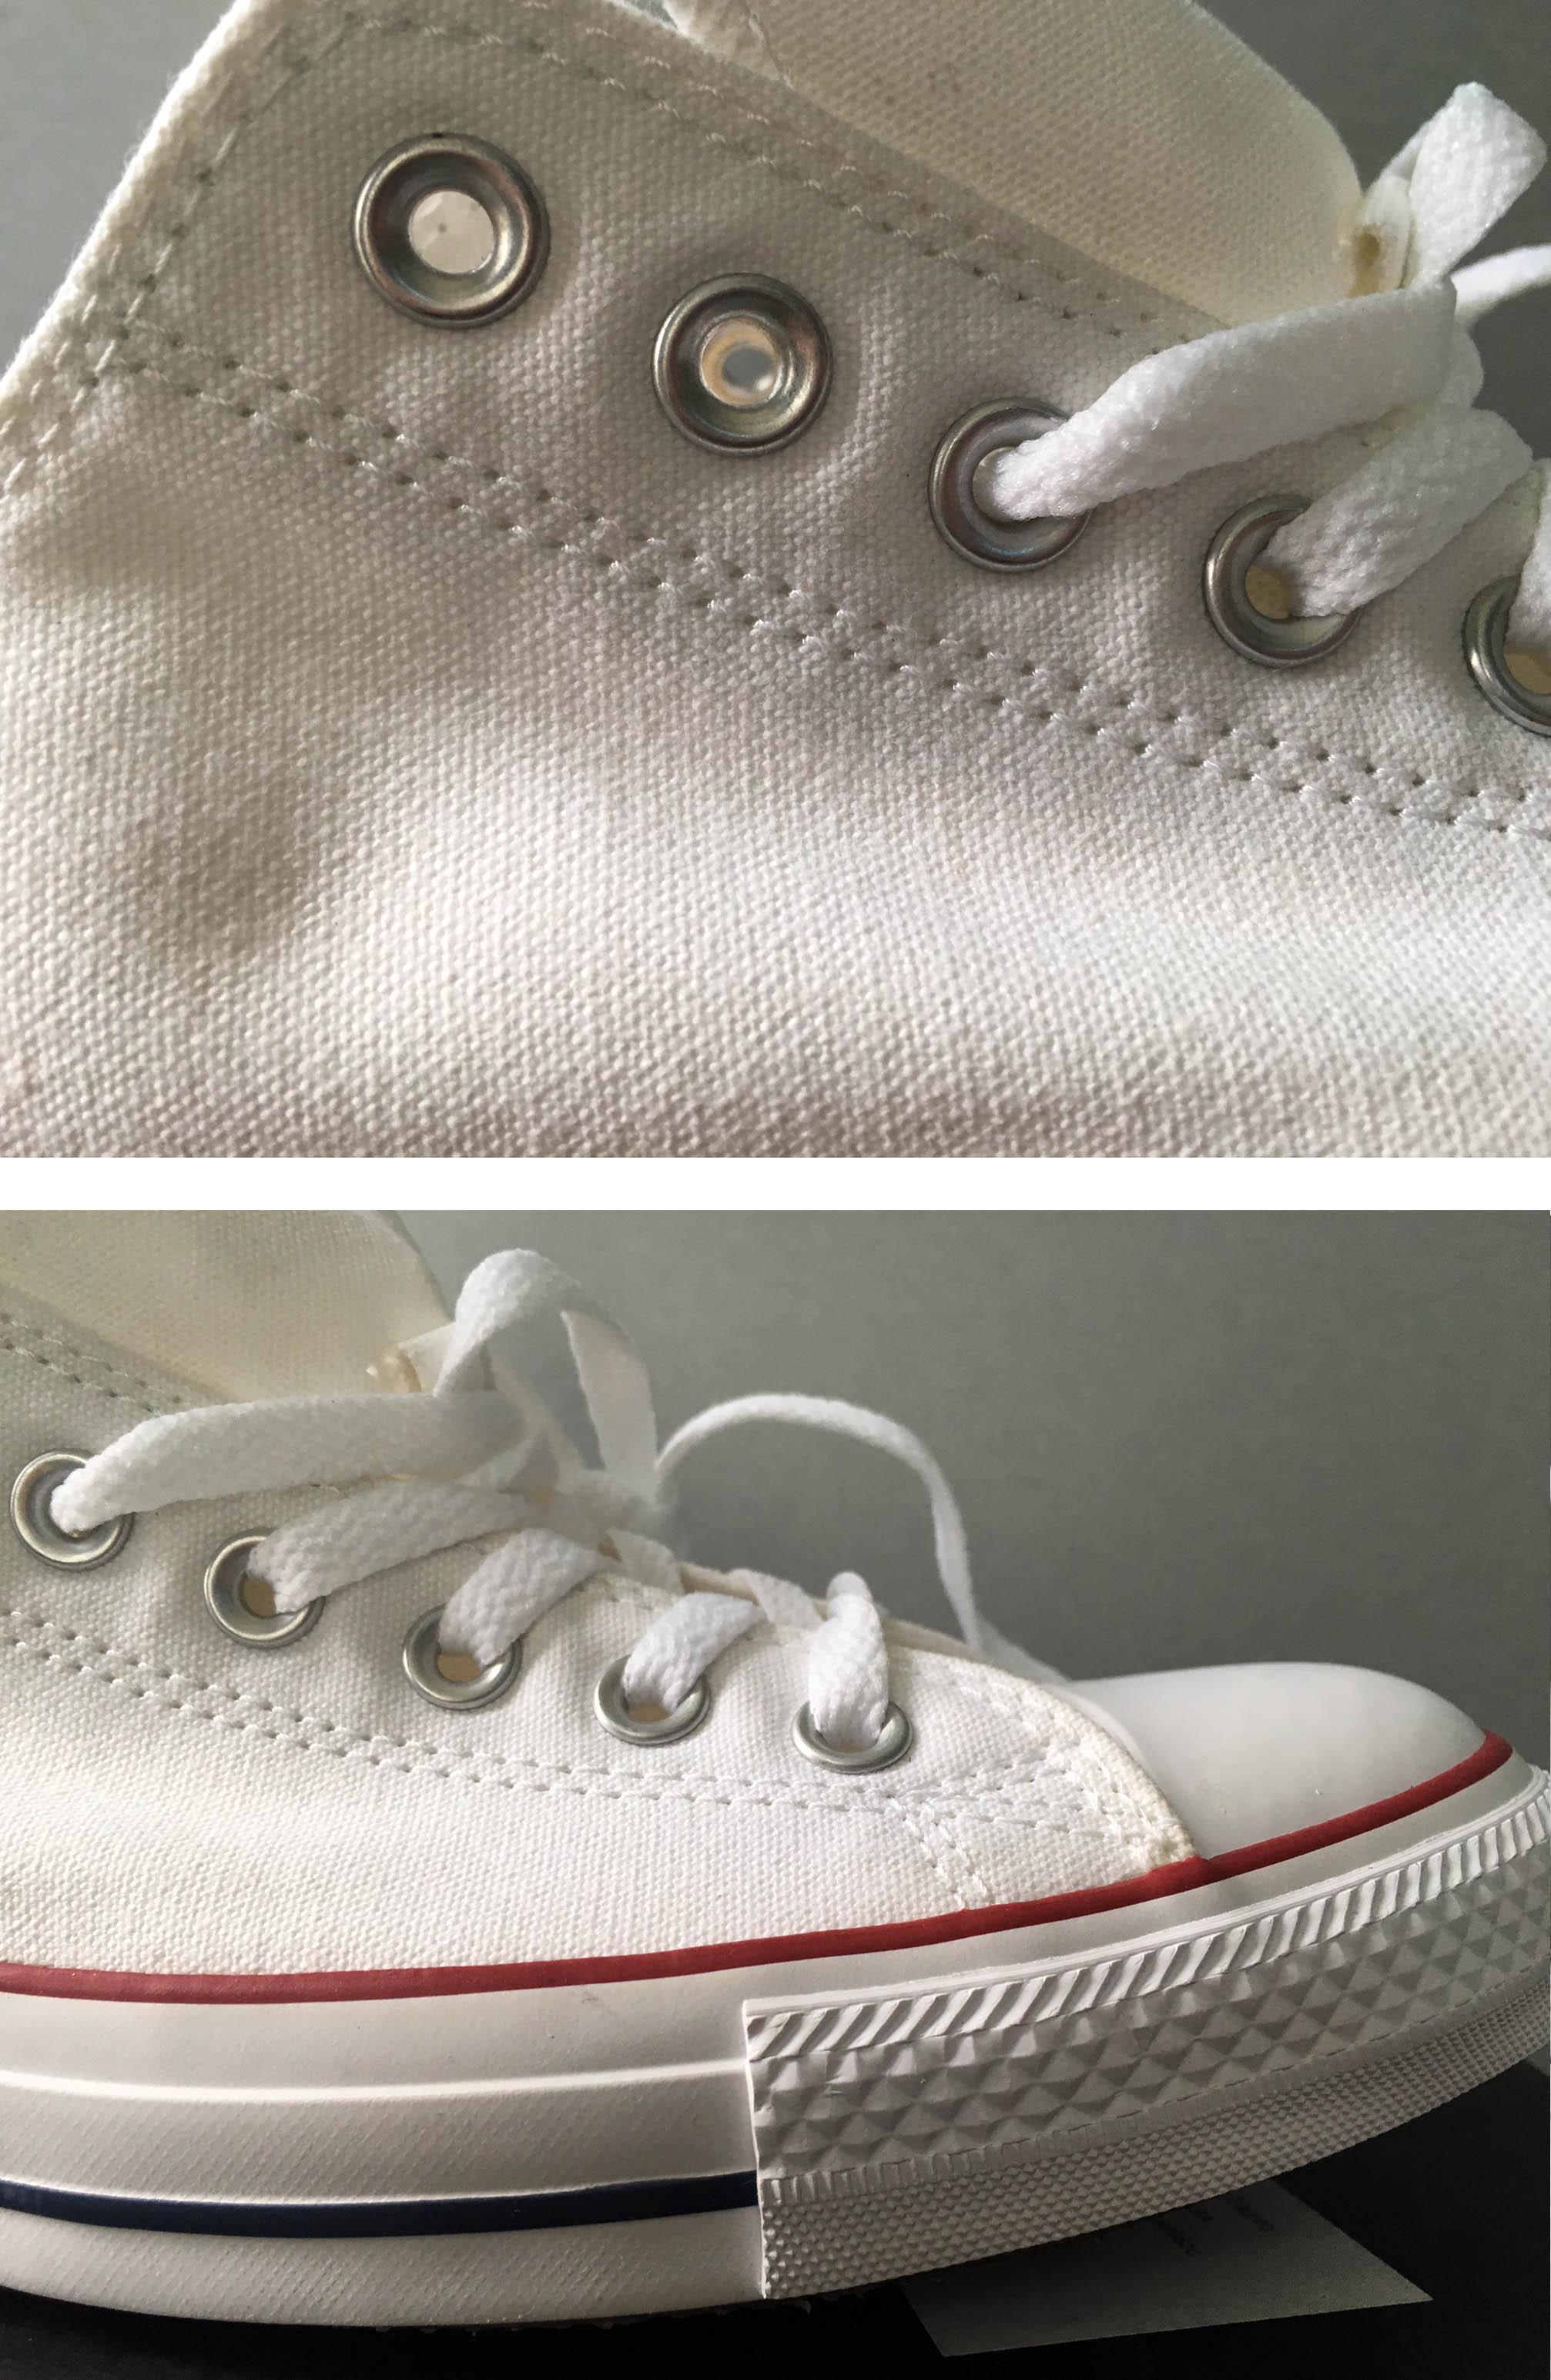 7 Cách nhận biết giày converse chính hãng không phải ai cũng